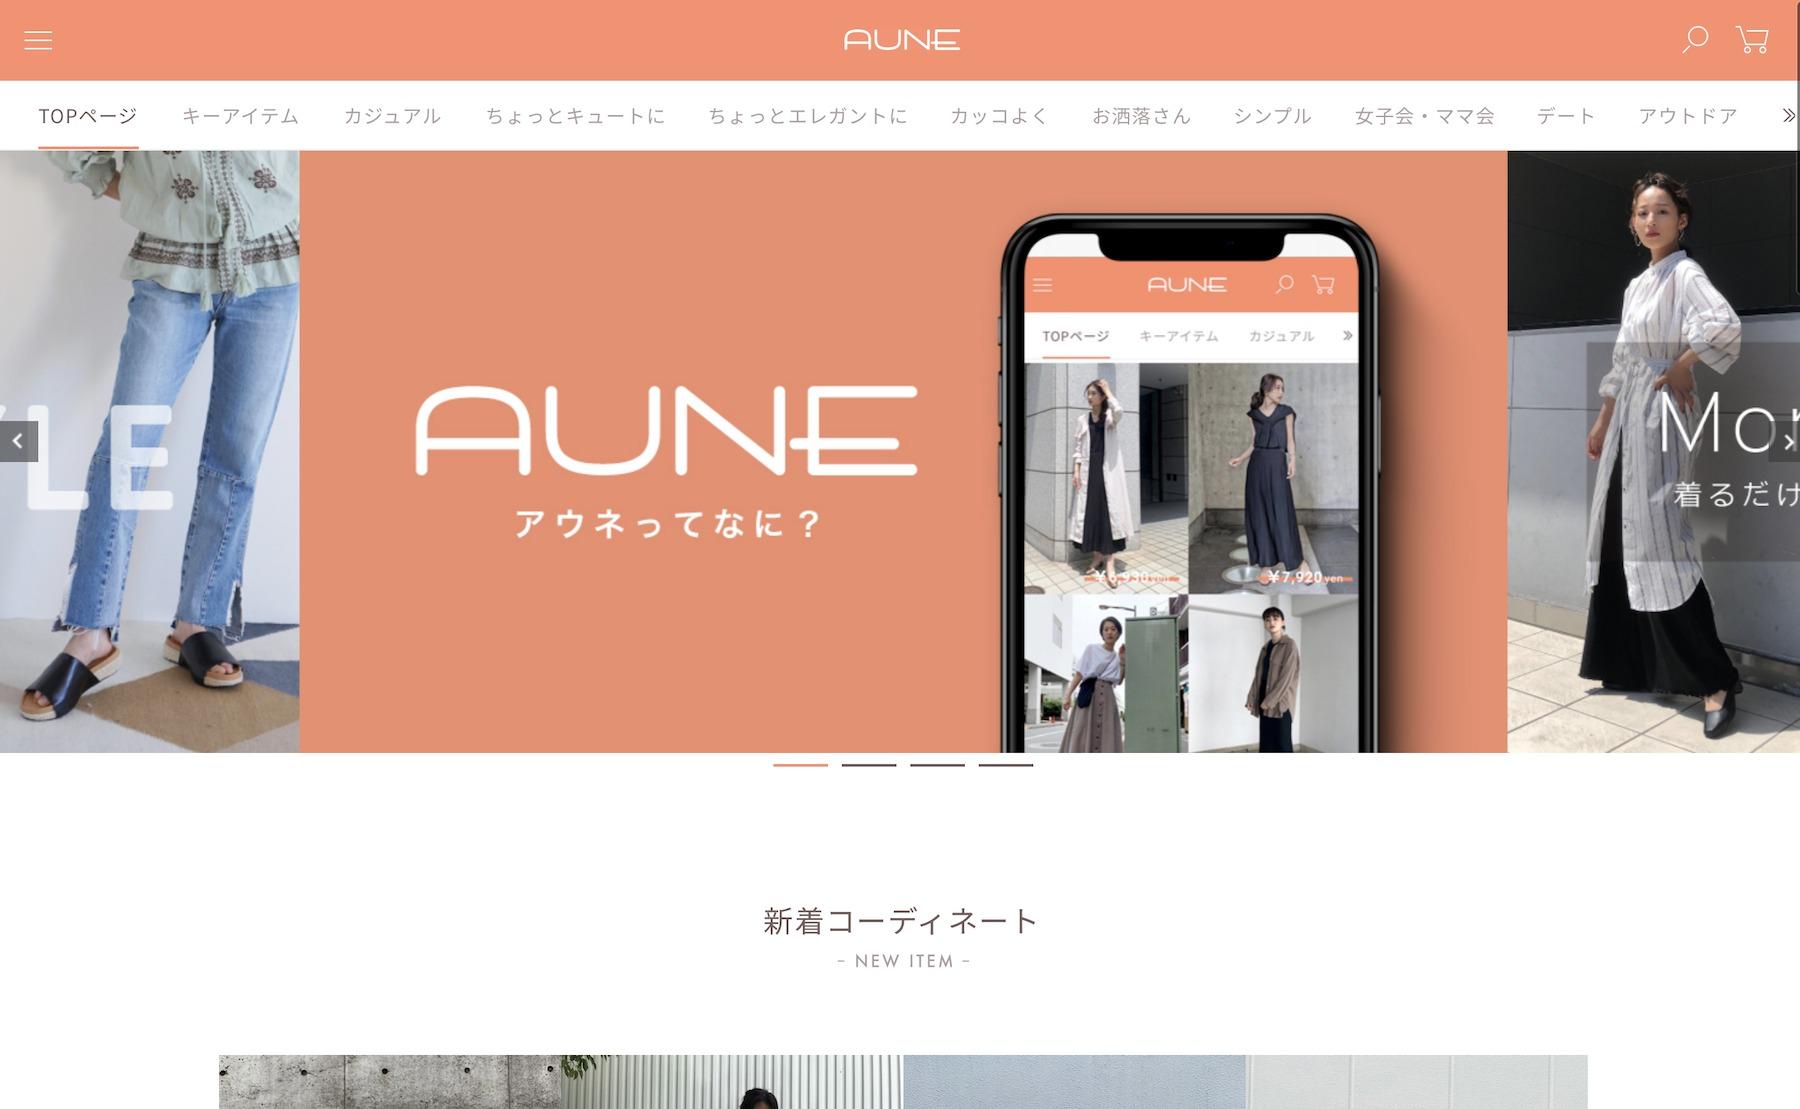 コーディネート販売で余剰在庫の削減を目指すアパレルEC「AUNE」